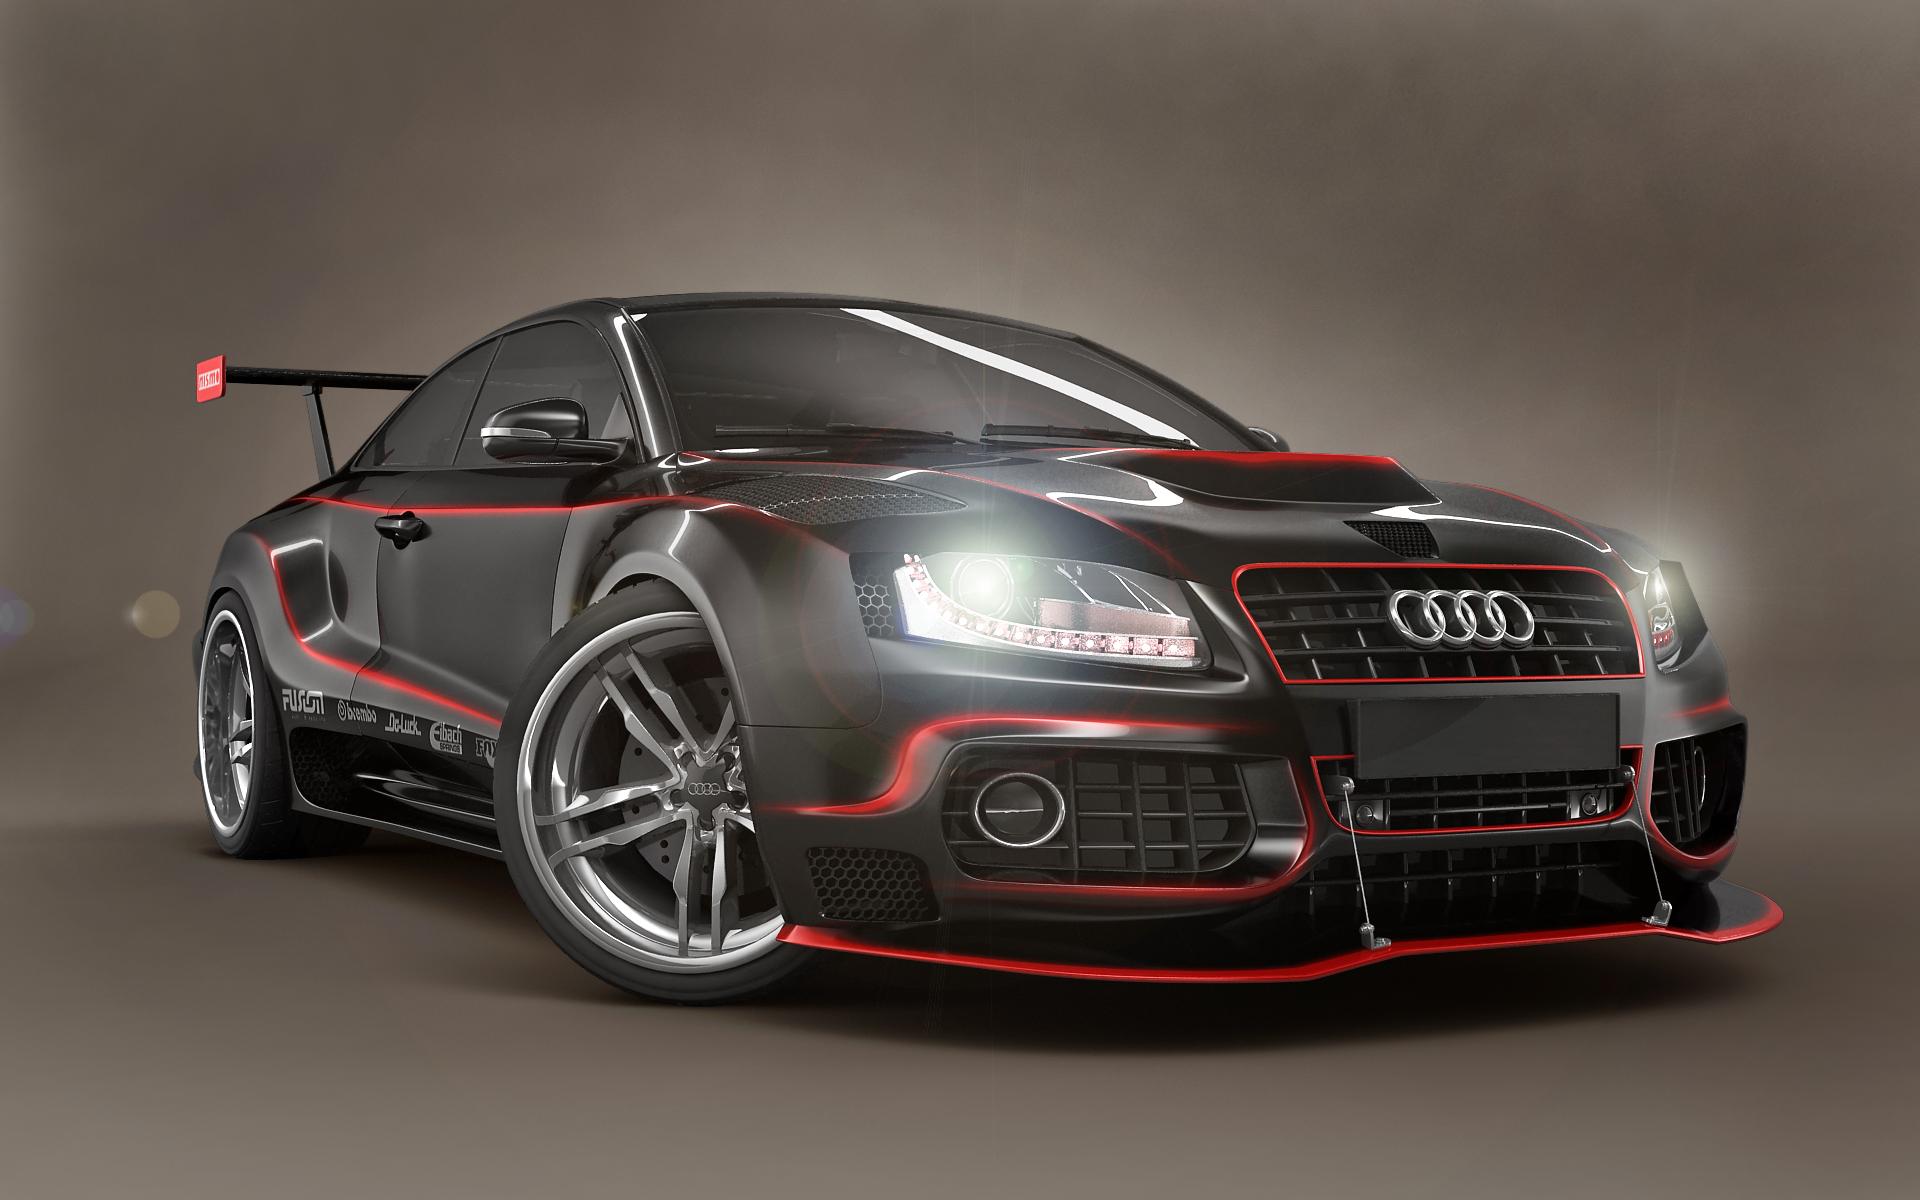 Kekurangan Audi Gtr Harga